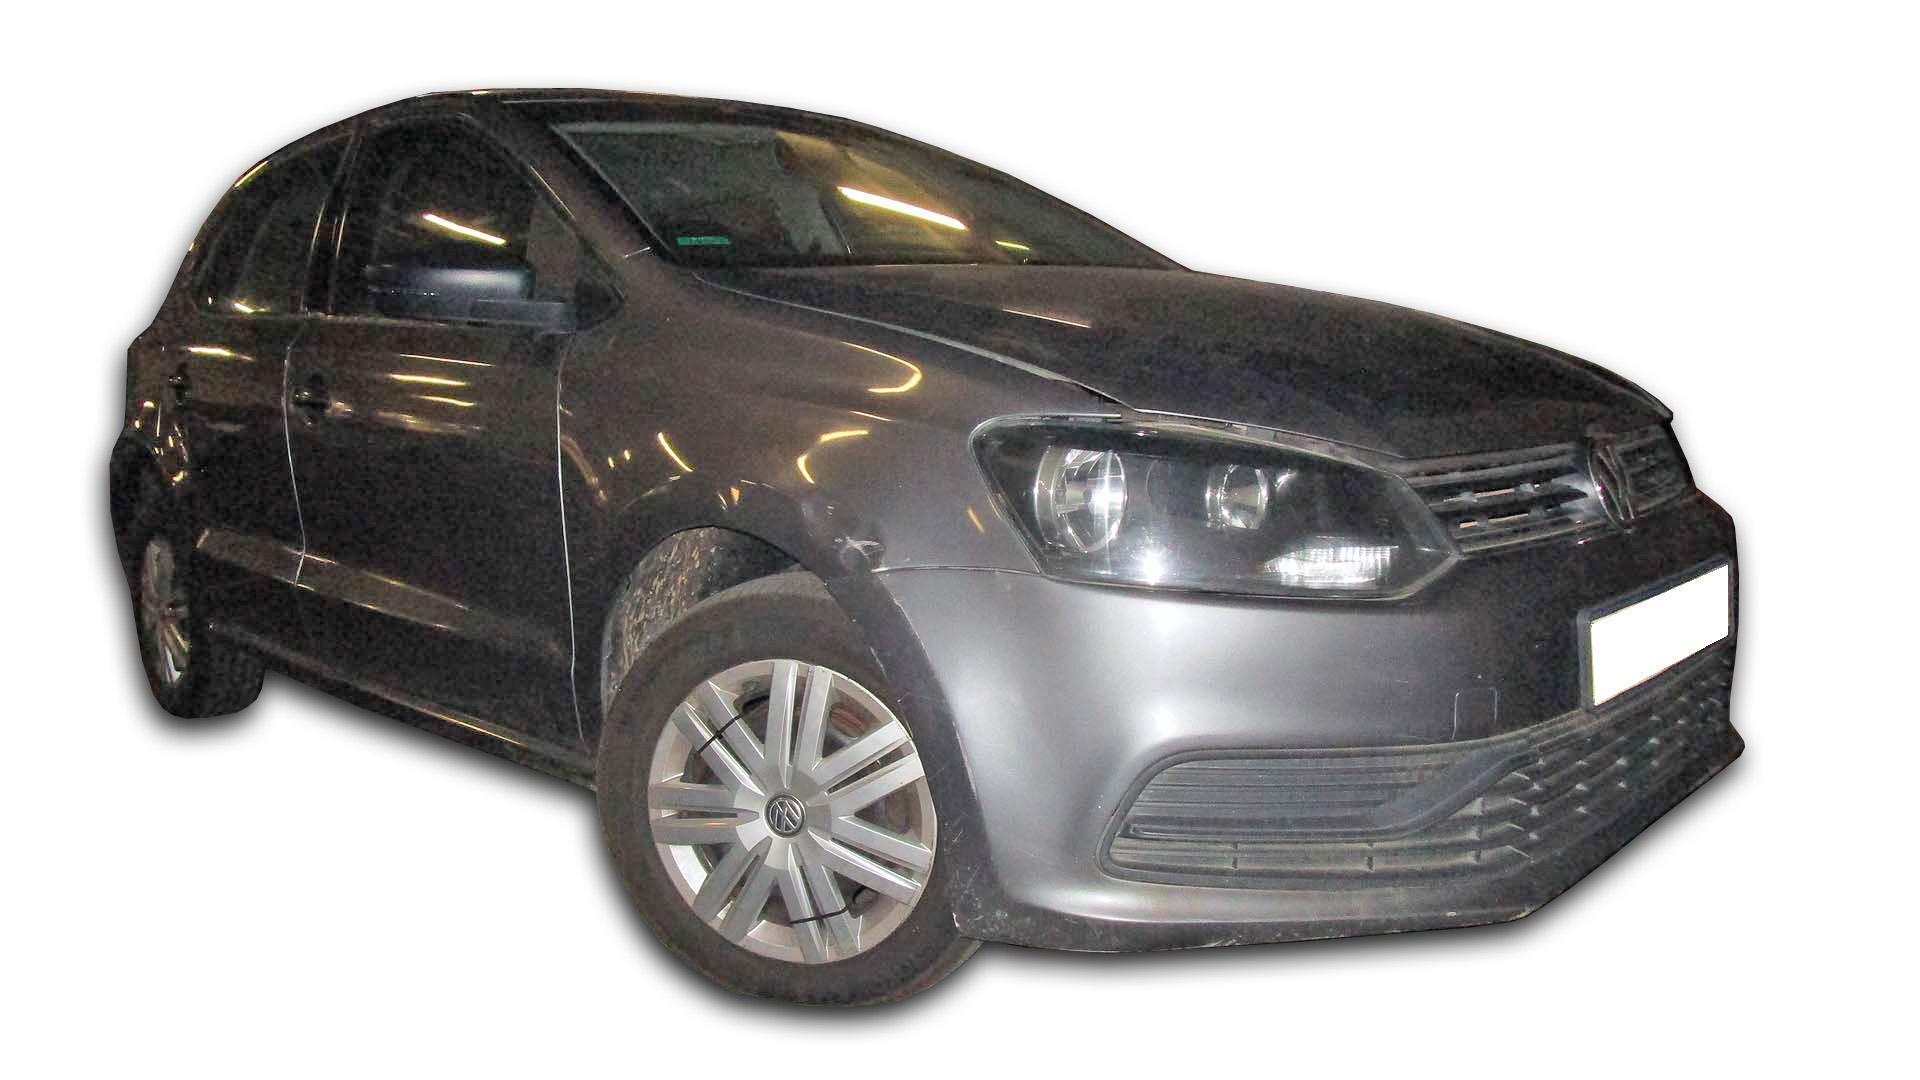 VW Polo GP 1.2 Tsi